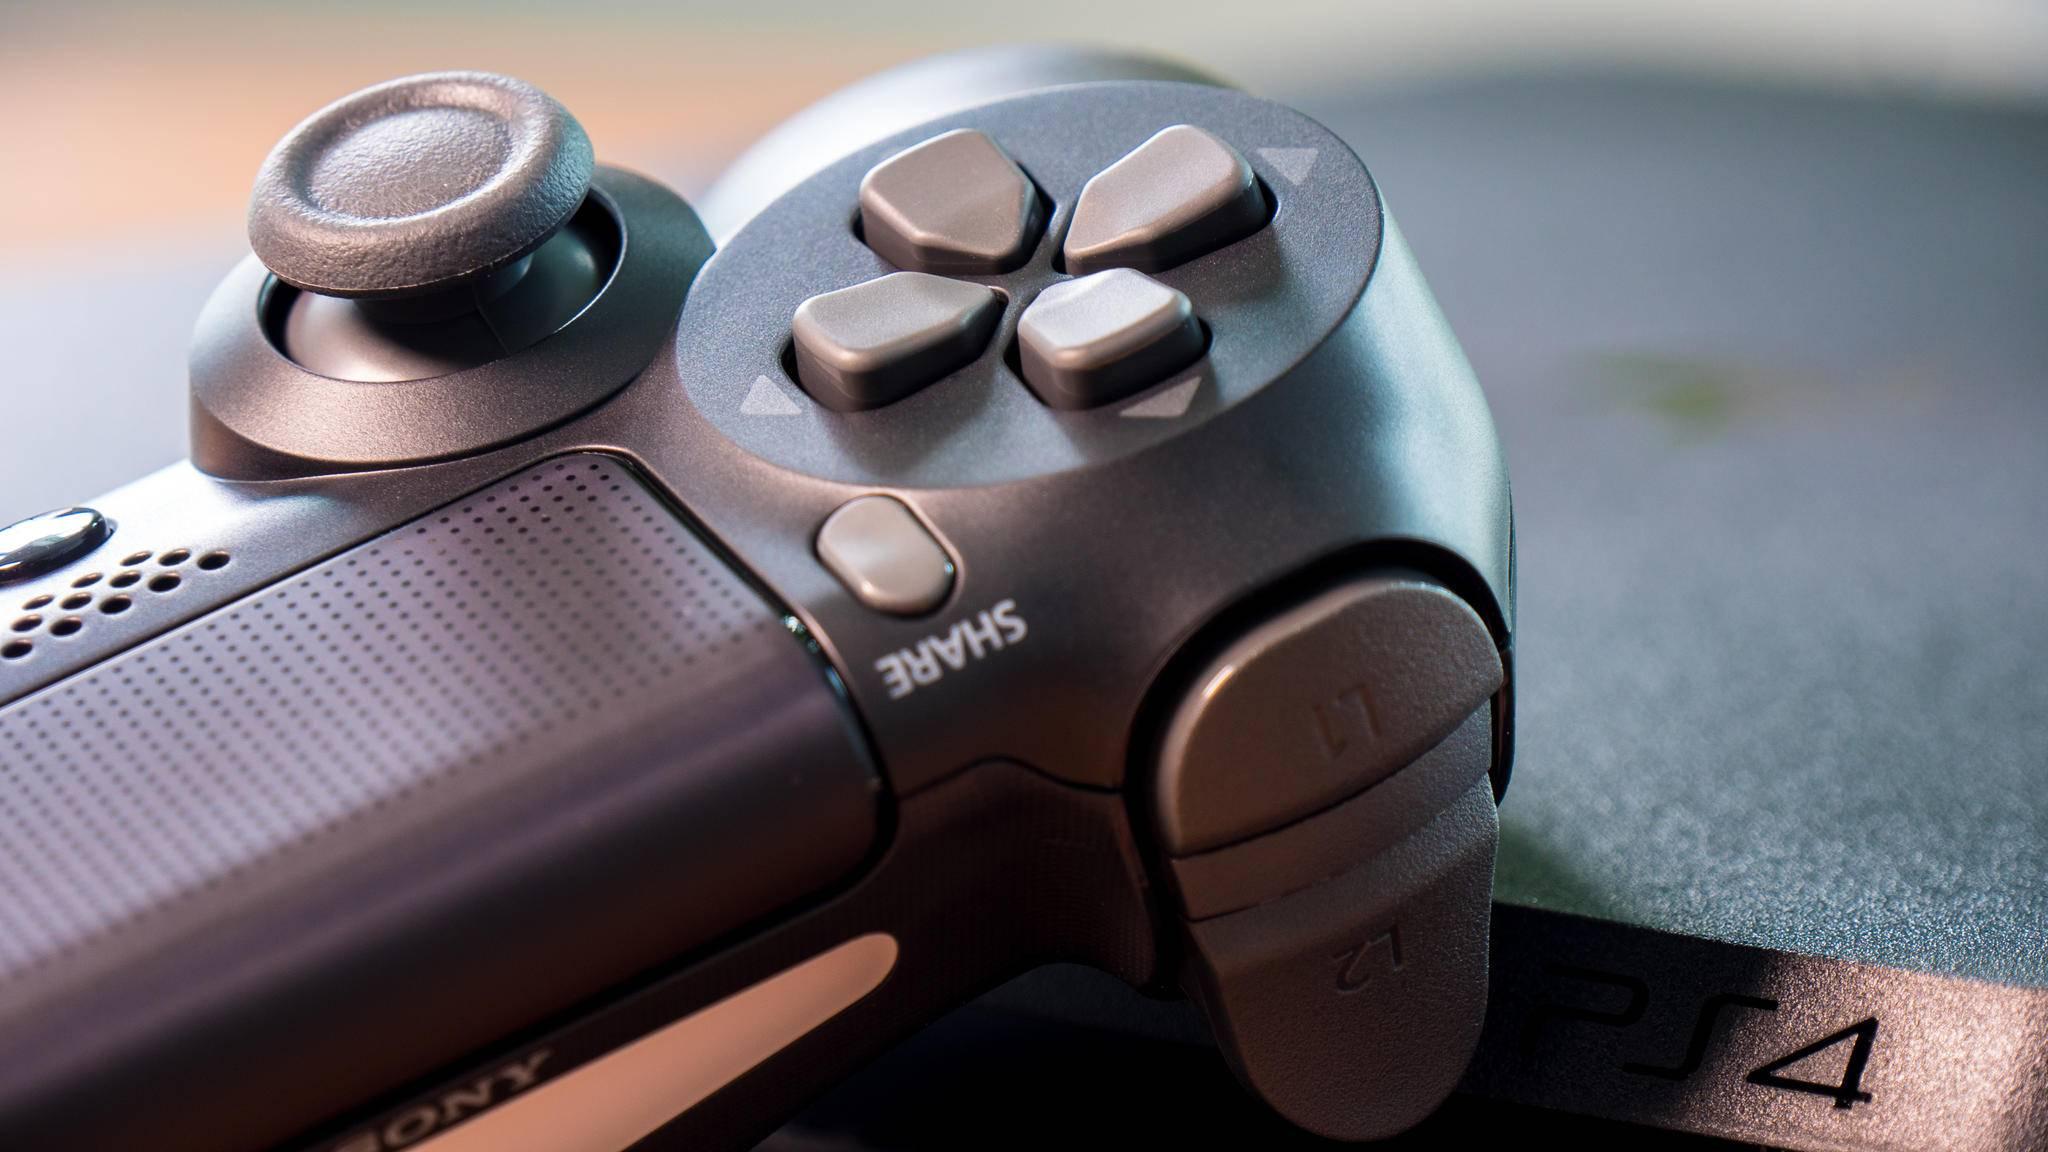 Ein neues Update behebt möglicherweise die WLAN-Probleme der PS4. Offiziell zugeben will Sony das aber nicht.